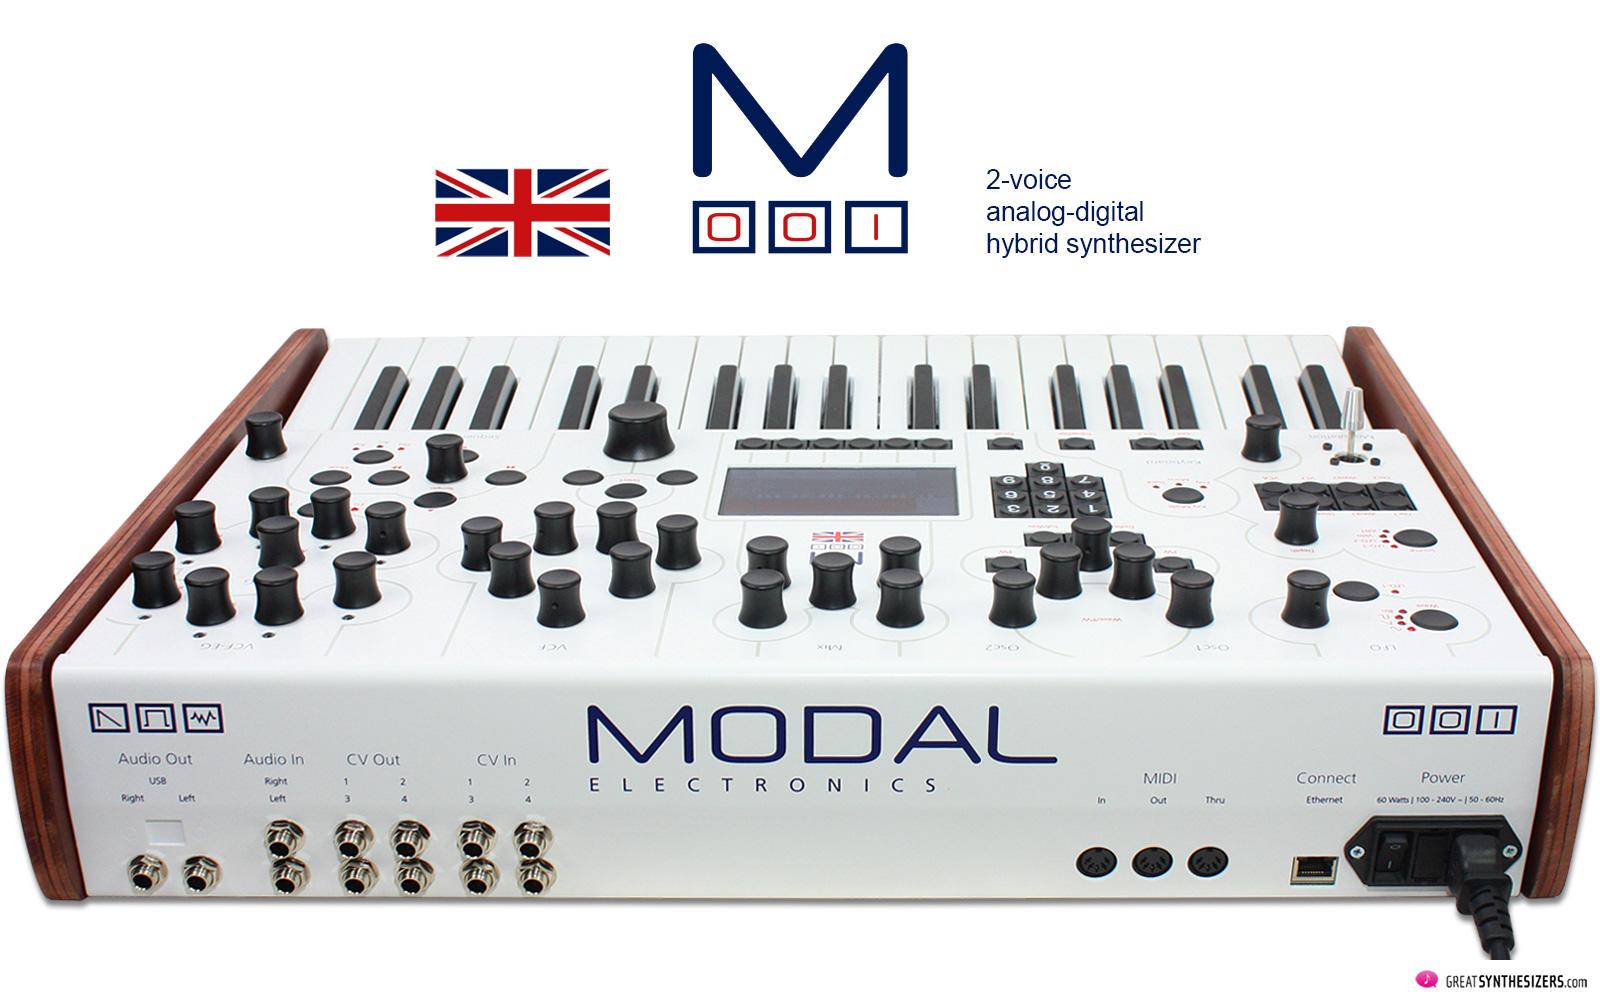 Modal Electronics 001 Synthesizer